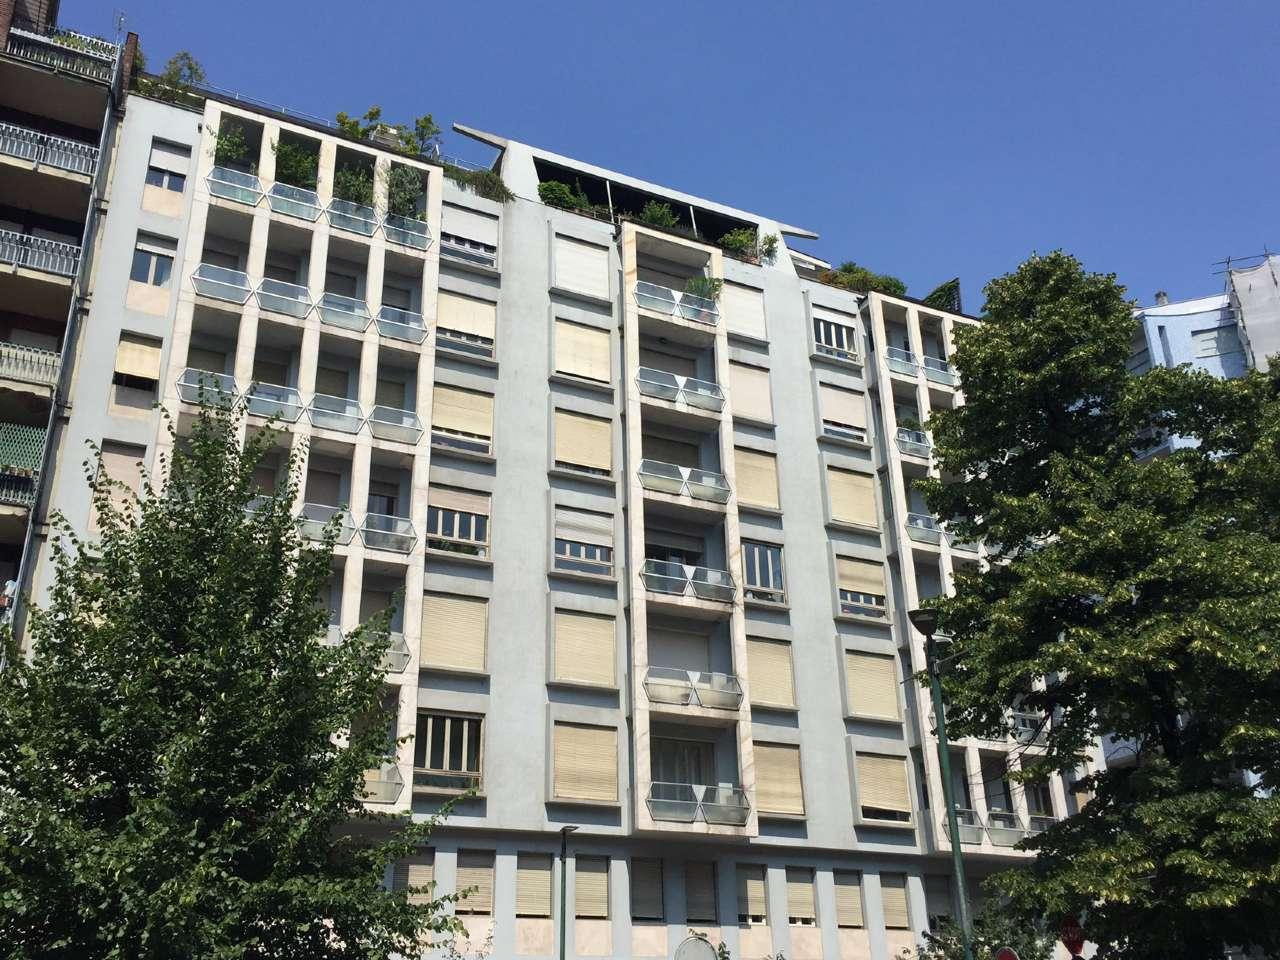 Emejing Dimensione Casa Torino Pictures - Idee Arredamento Casa ...